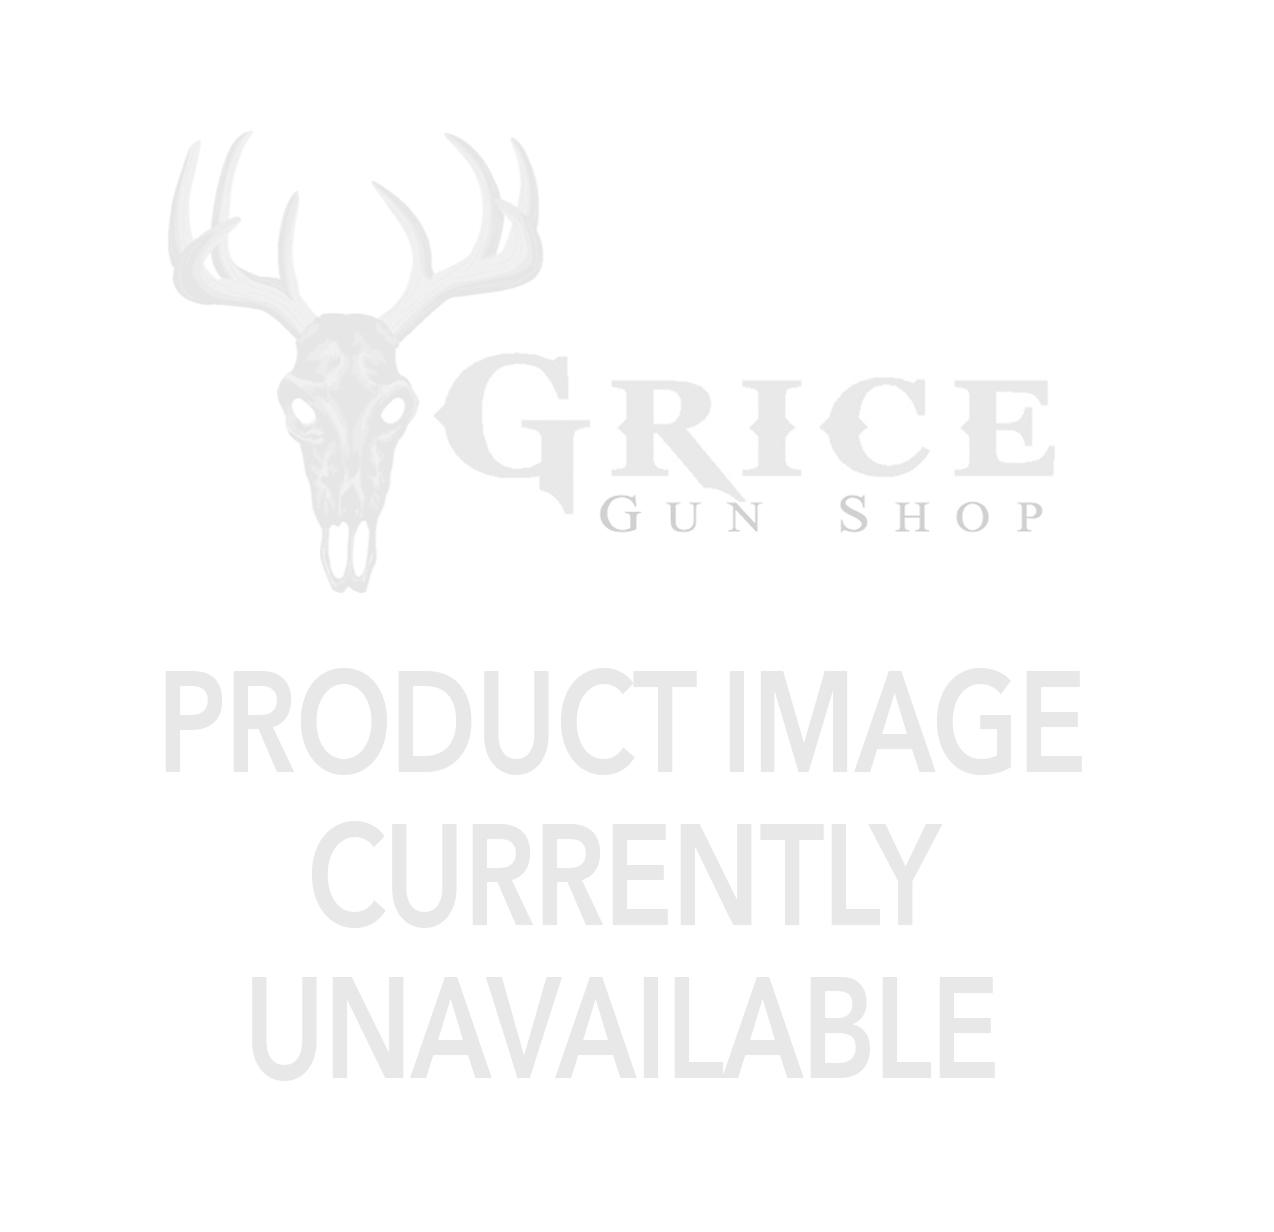 Keystone - Crickett 22LR Walnut Stock Left Hand